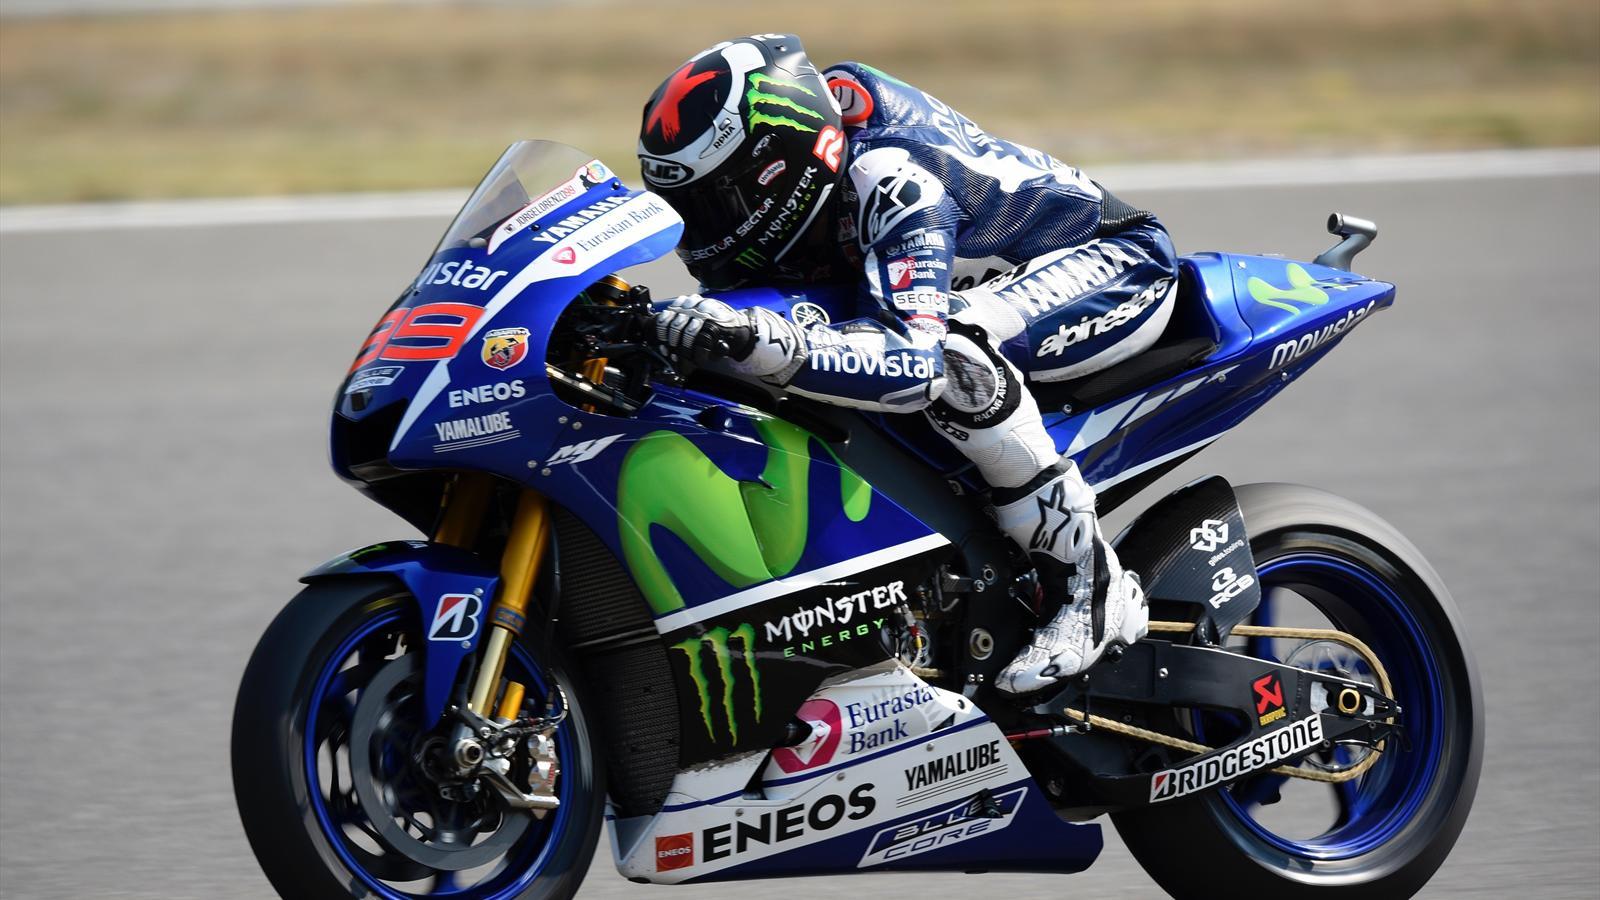 Jorge Lorenzo of Yamaha